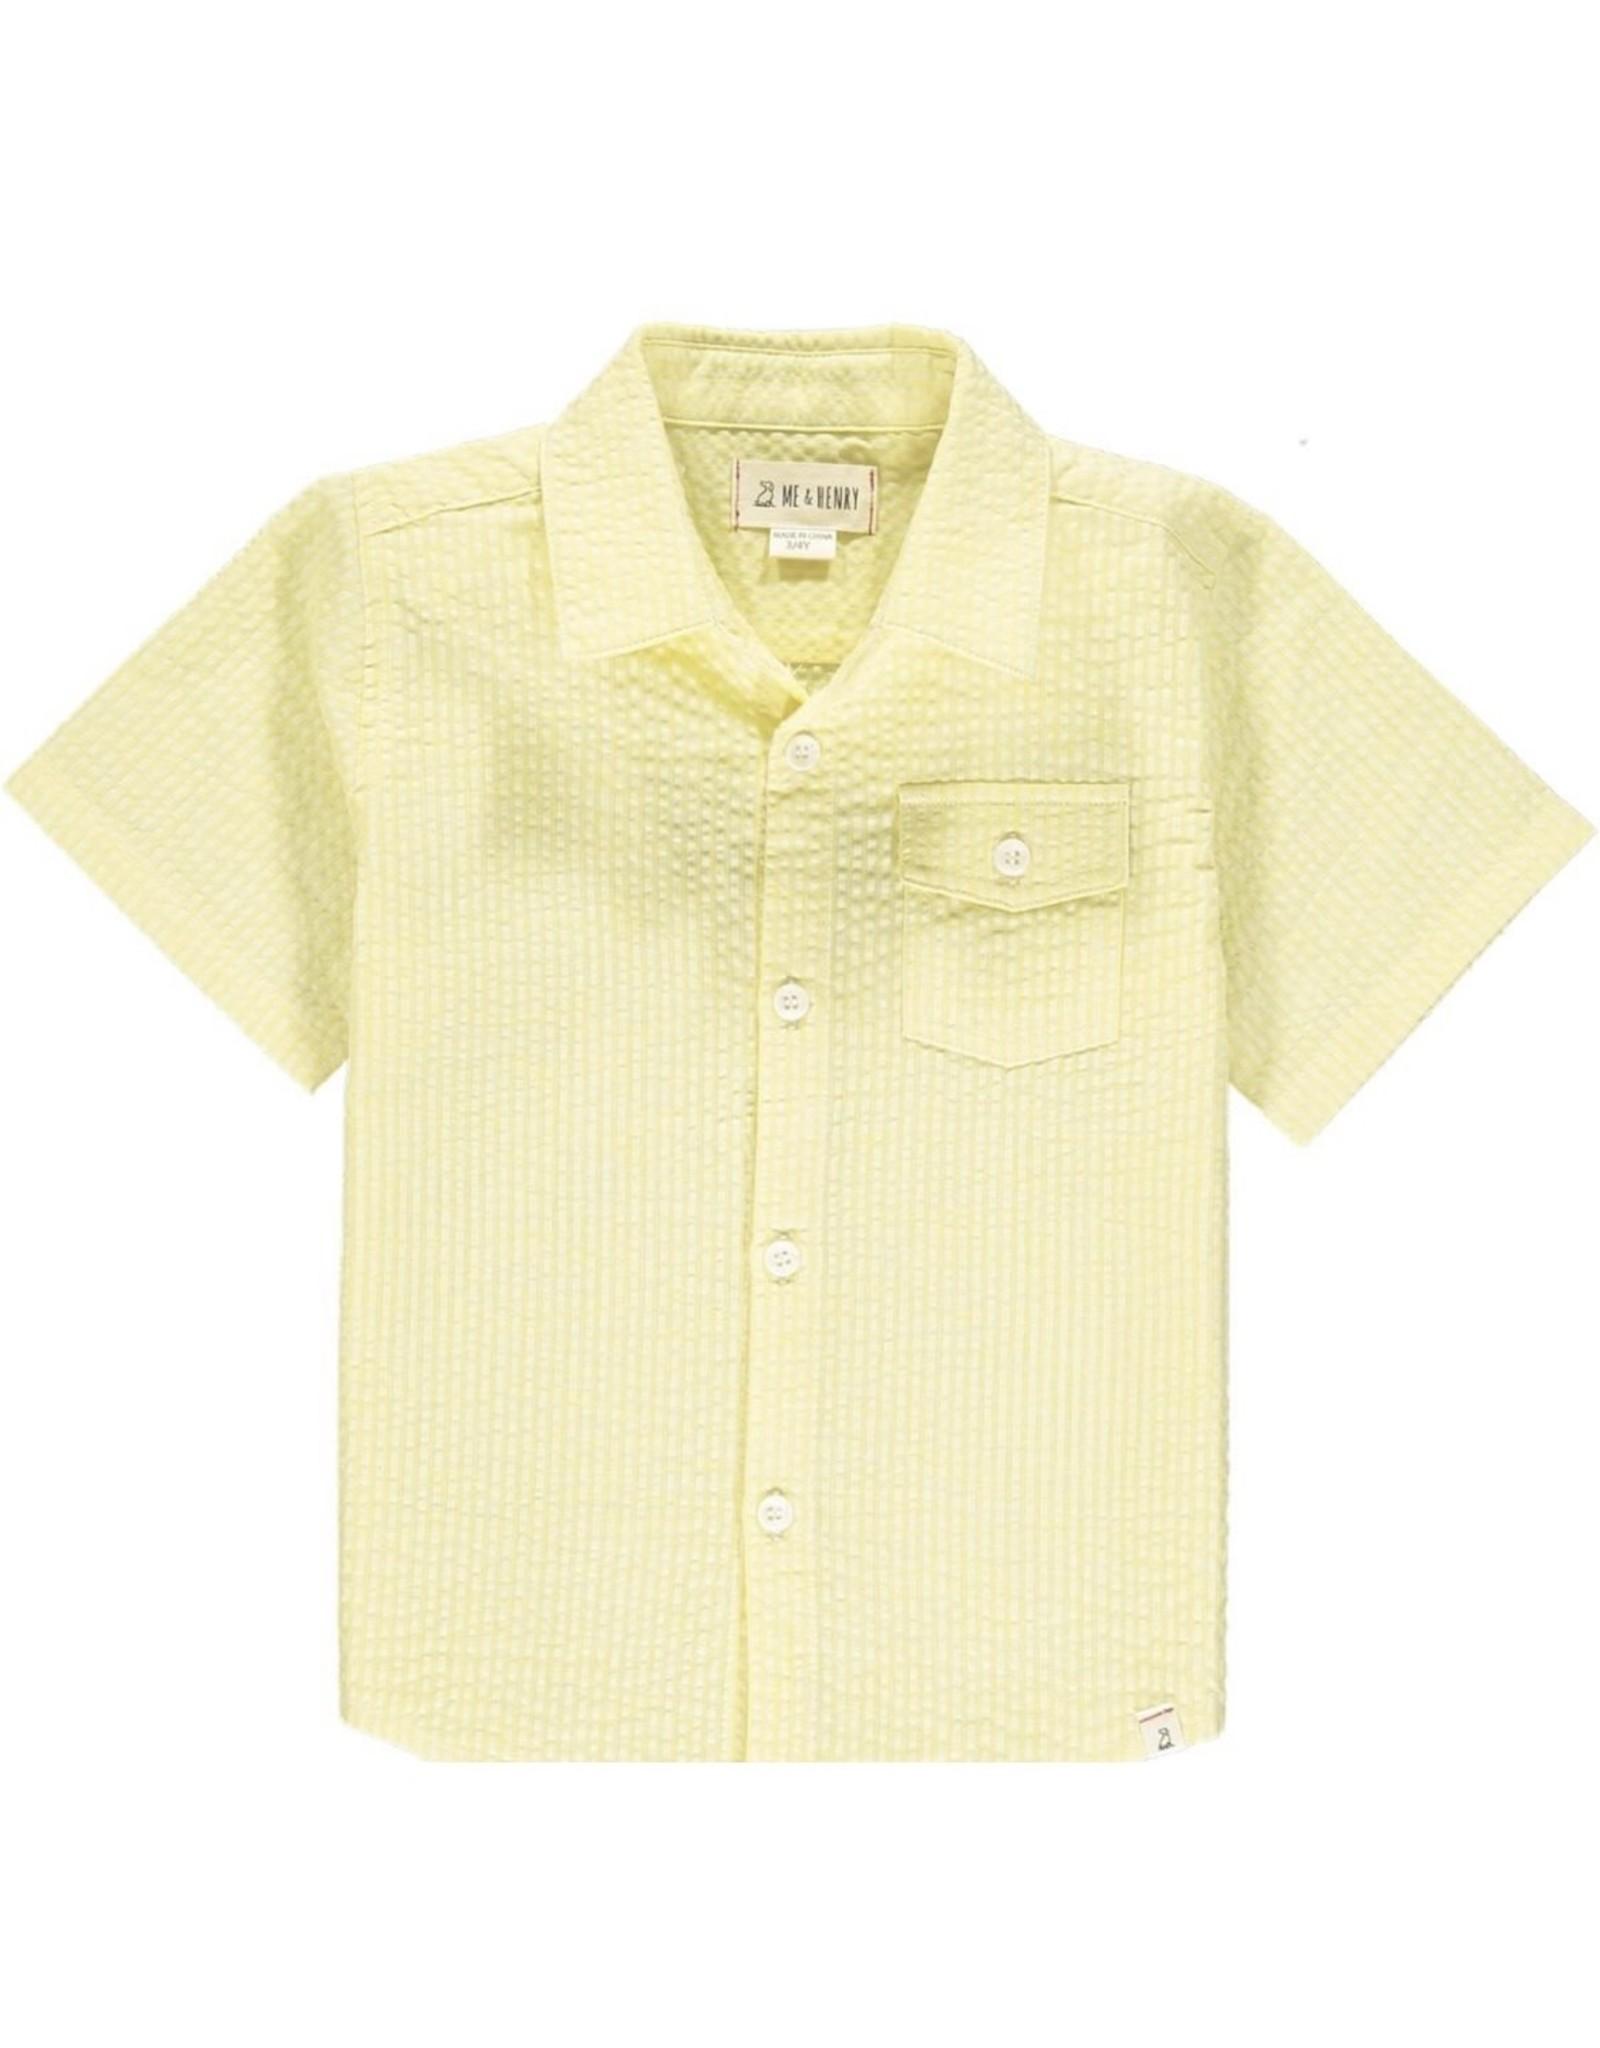 Me & Henry Me & Henry- Yellow Seersucker Newport Shirt